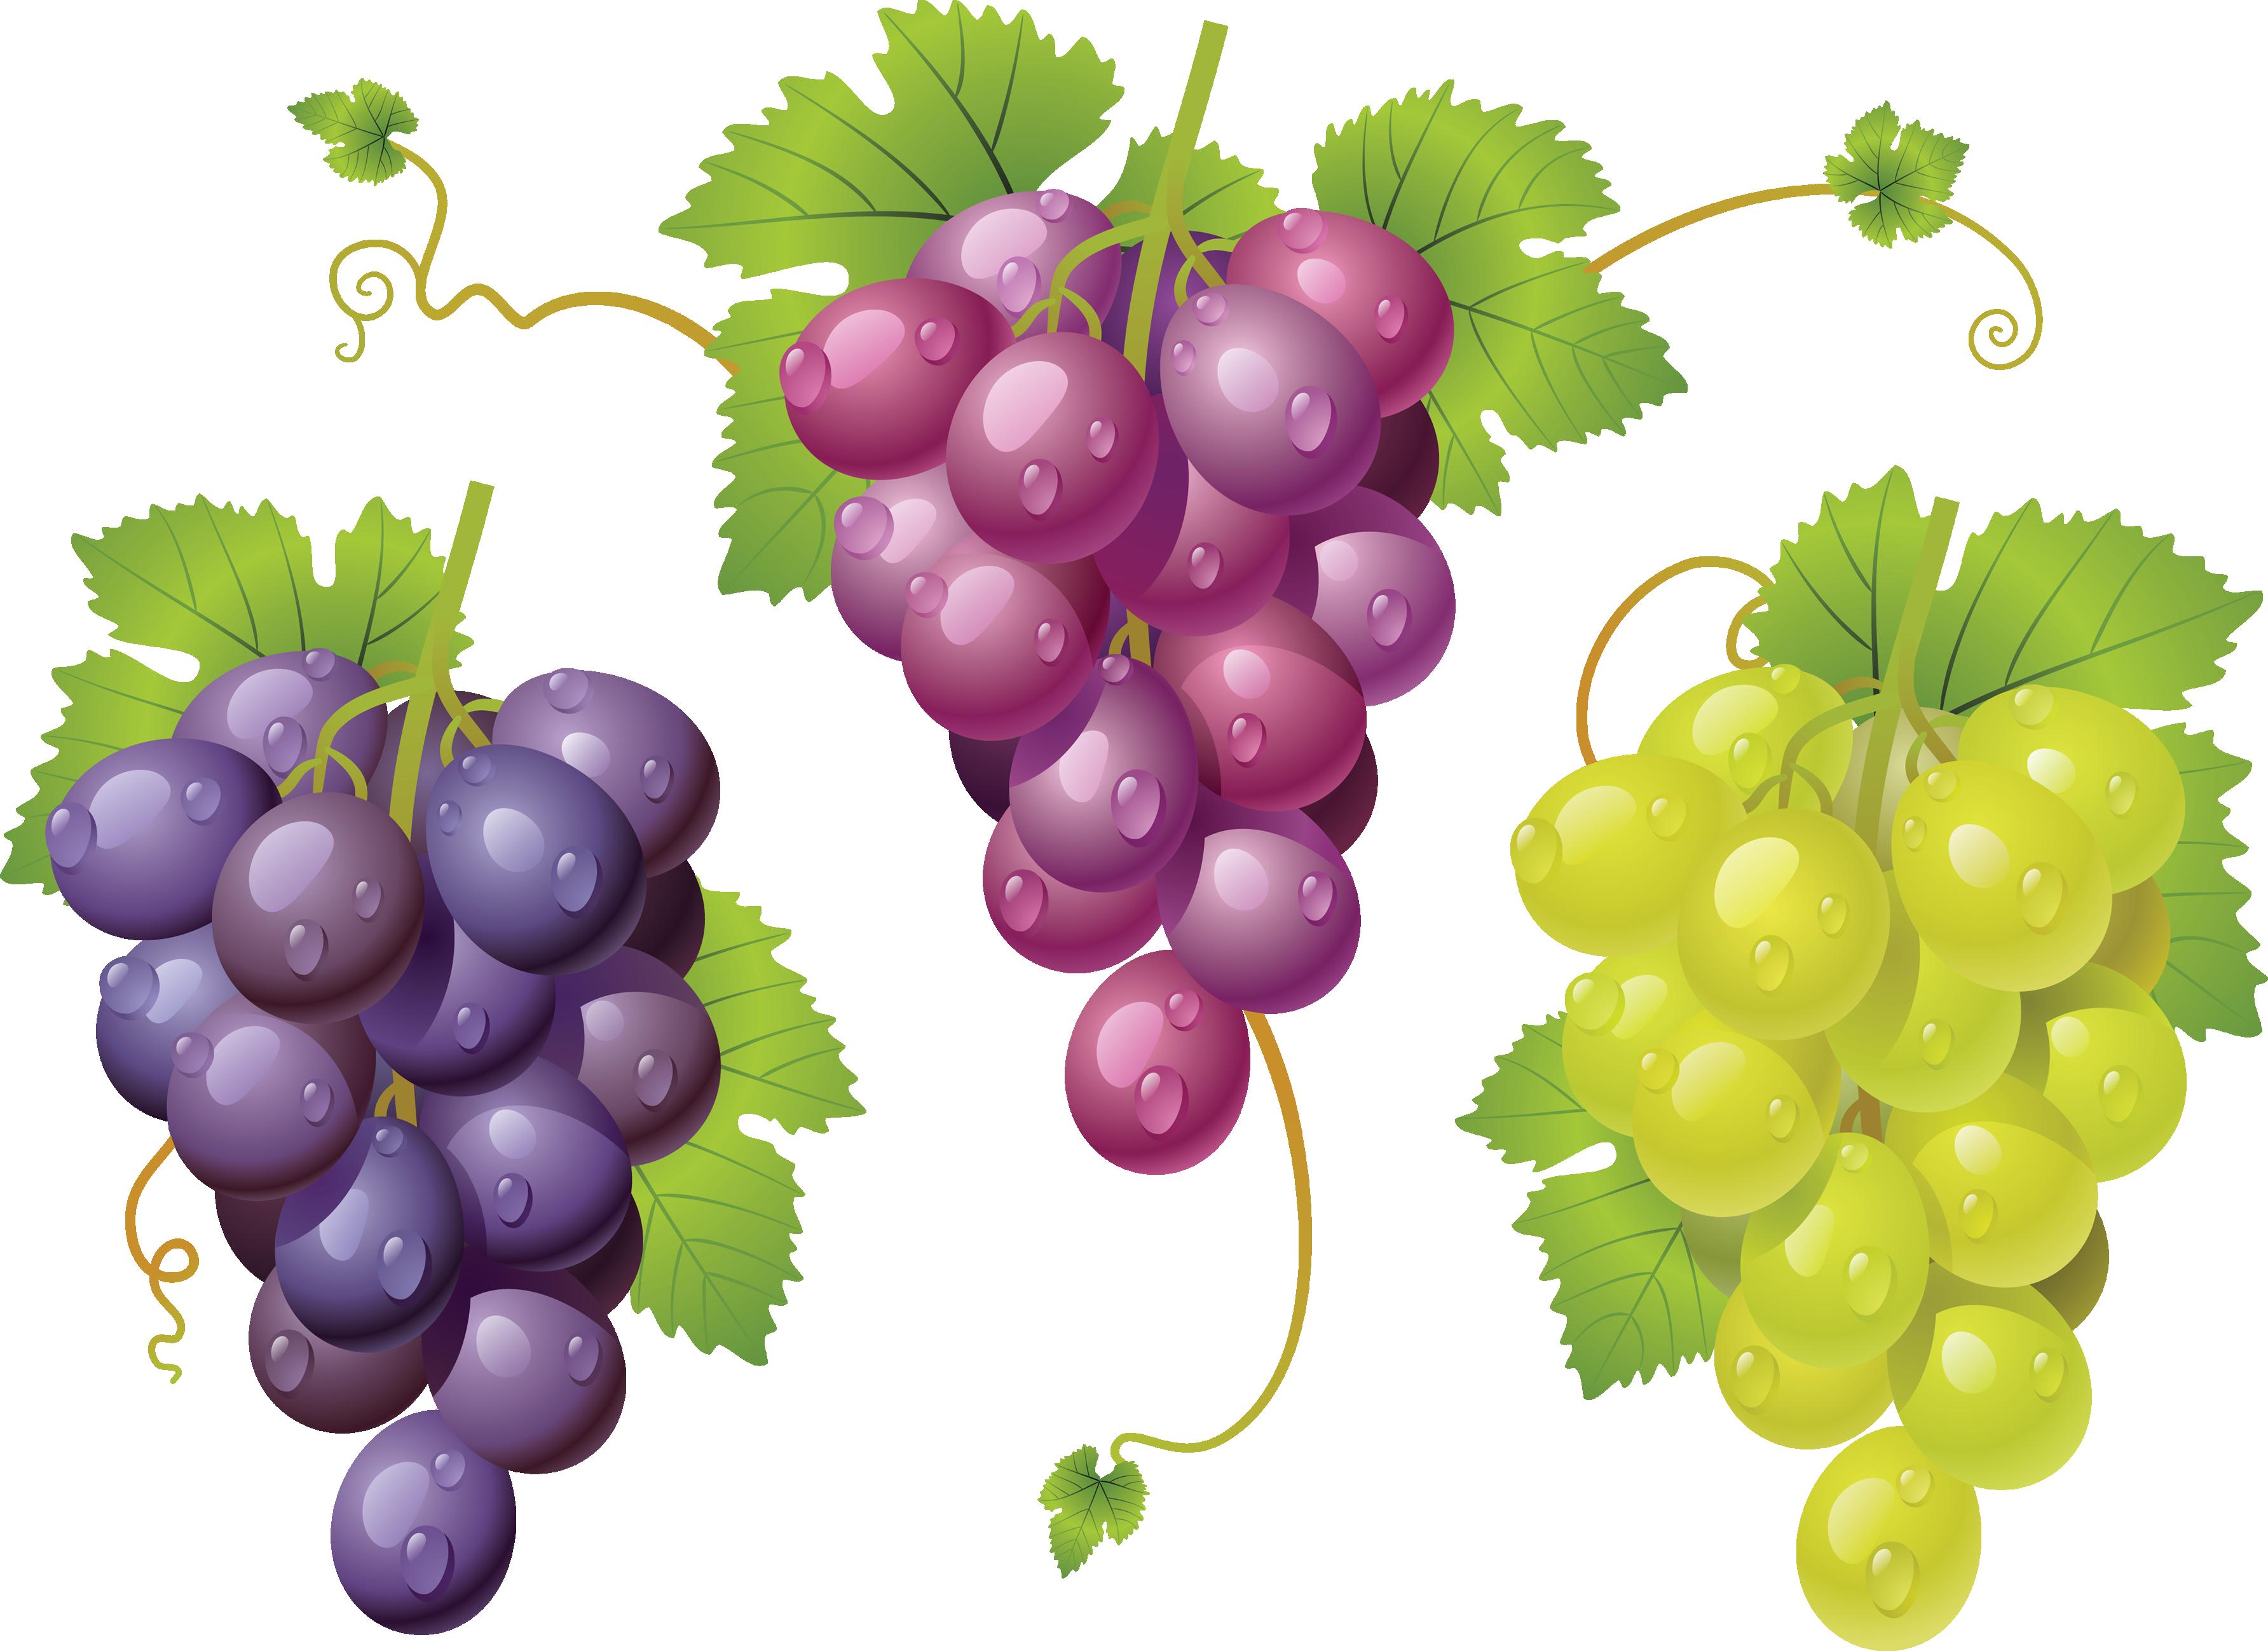 Нарисованные виноградные грозди, синяя, красная и белая